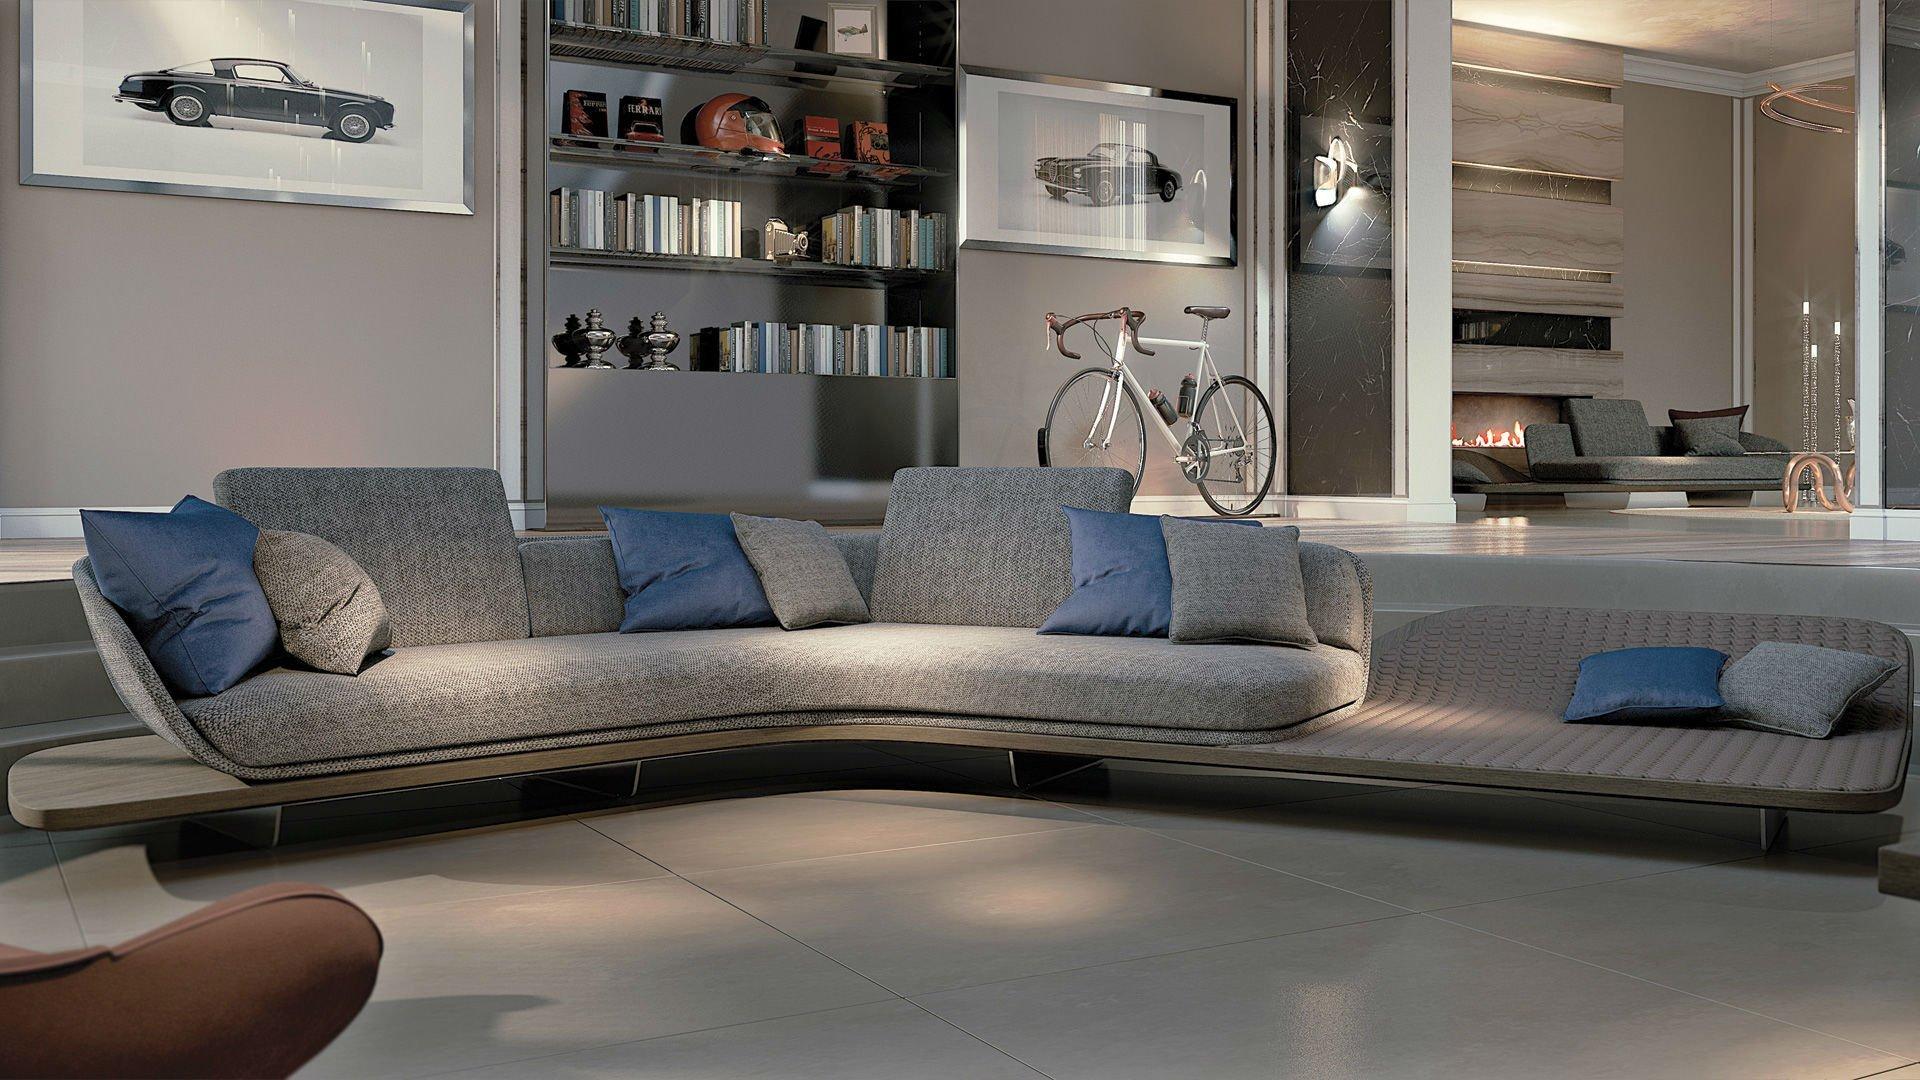 Ampio salon con sofà con divano, scaffali di vetro, nella habitacion accanto il divano è al fianco del camino